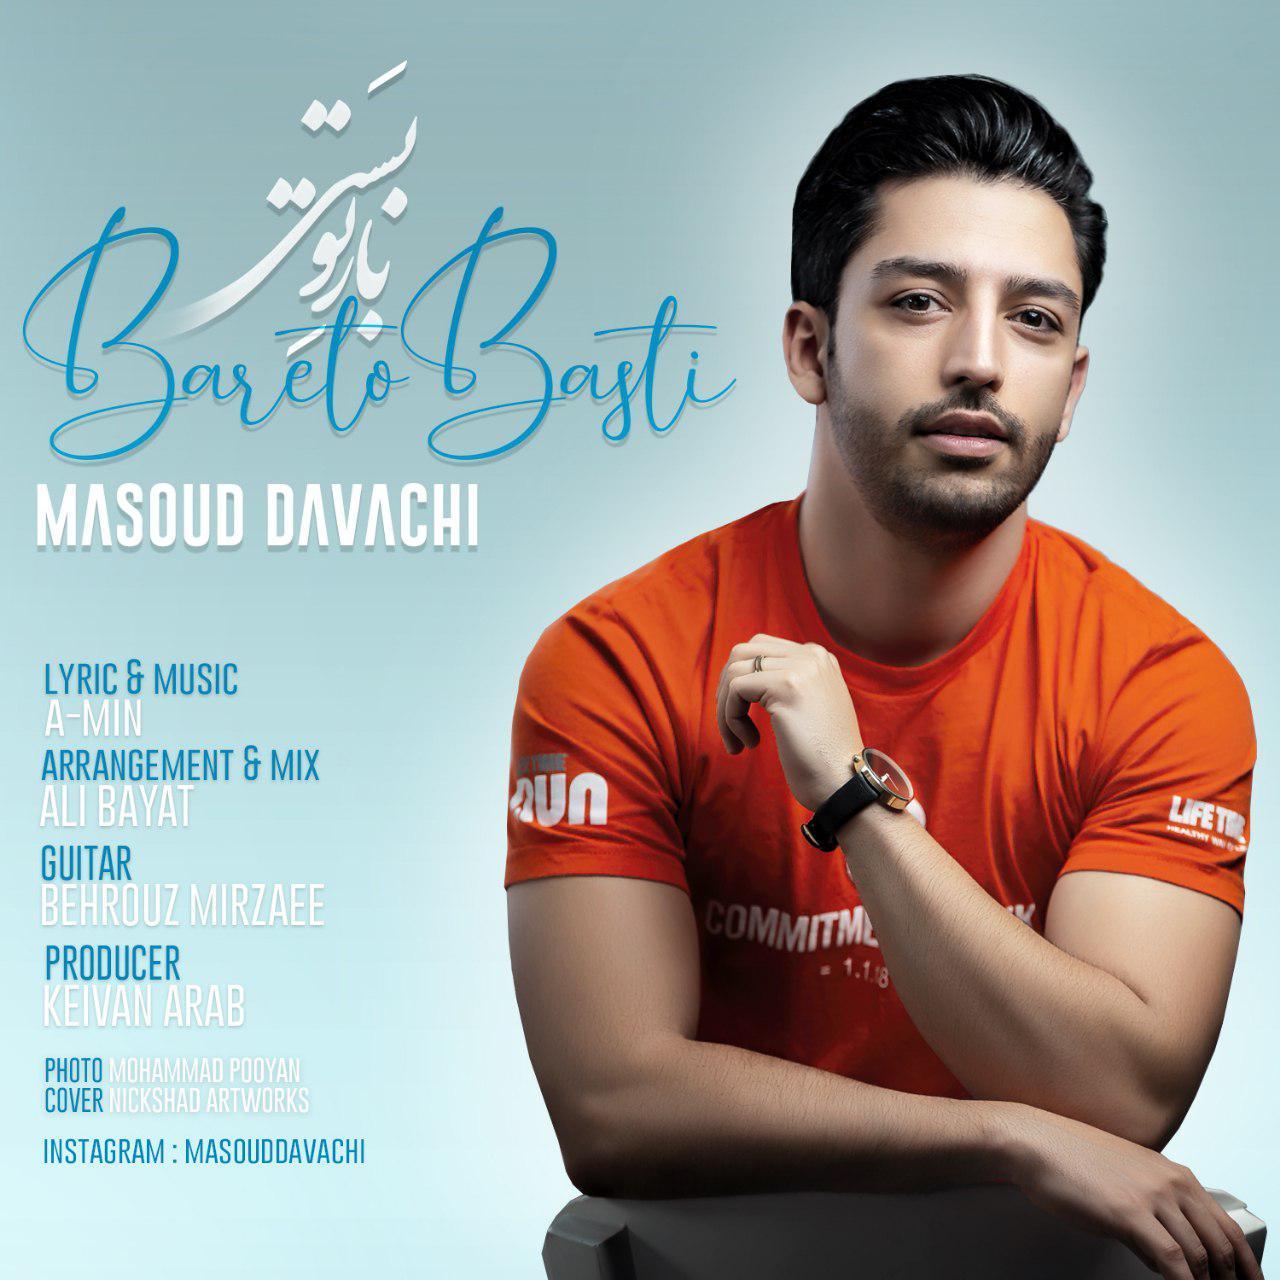 Masoud Davachi – Bareto Basti